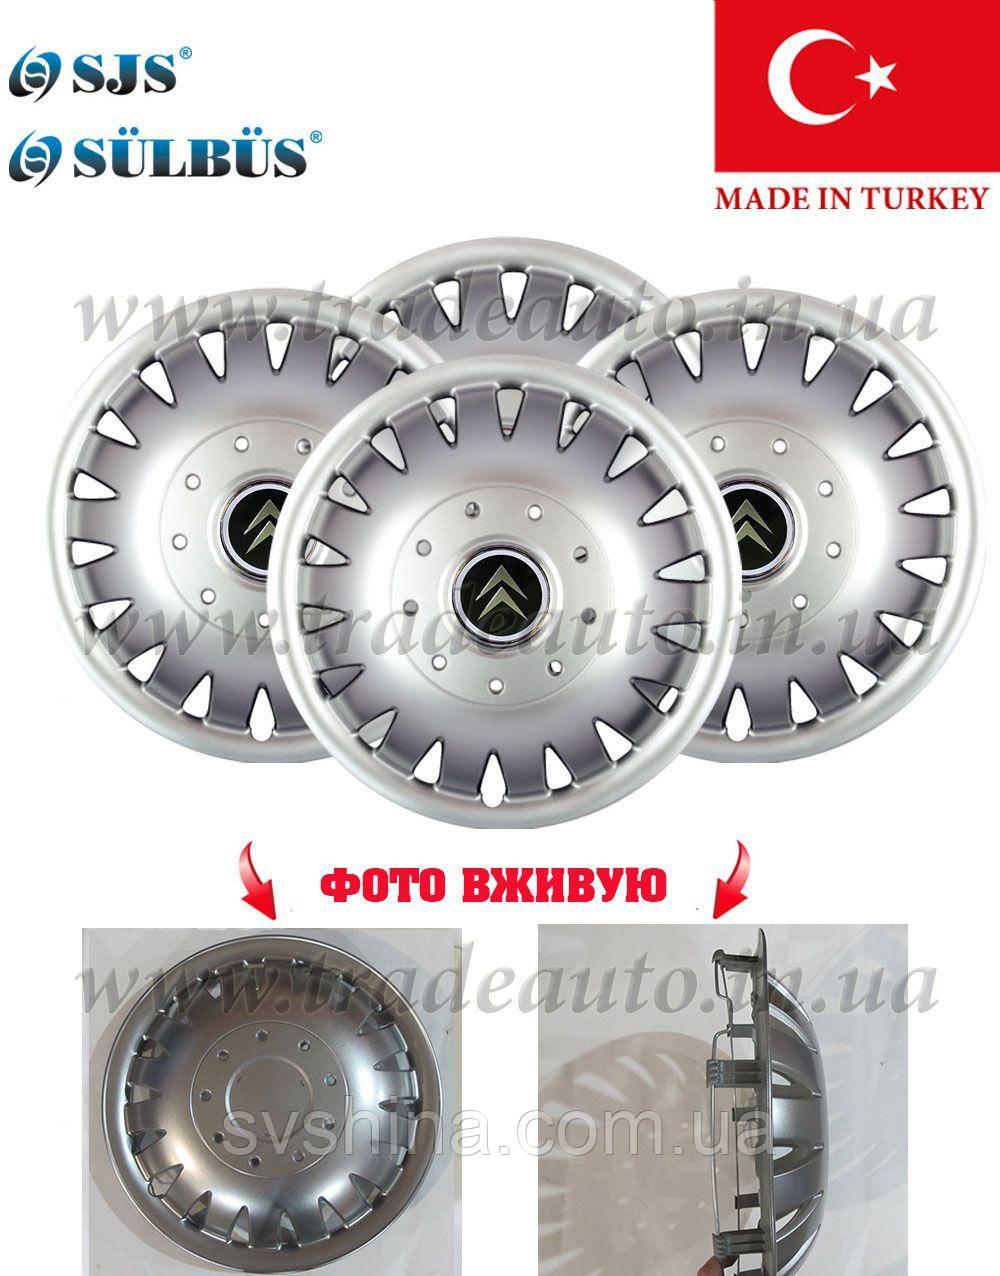 """Автомобильный колпак на CITROEN R 15"""" 320 SKS (SJS)"""